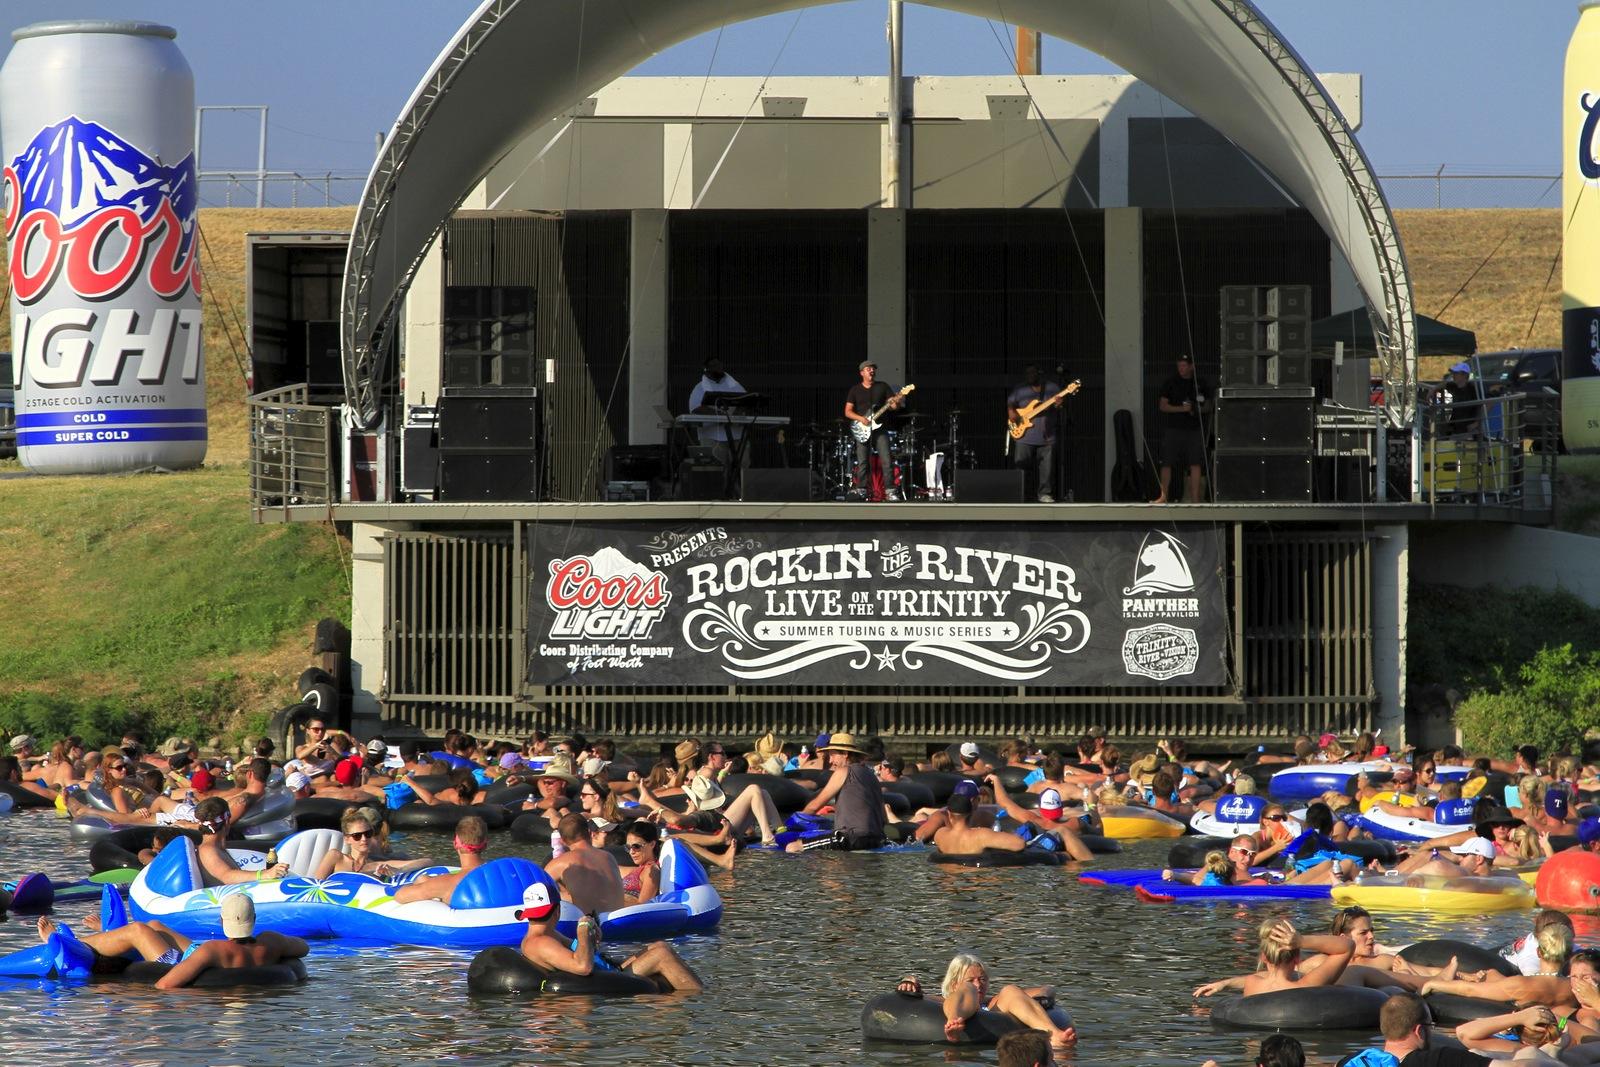 Rockin river festival